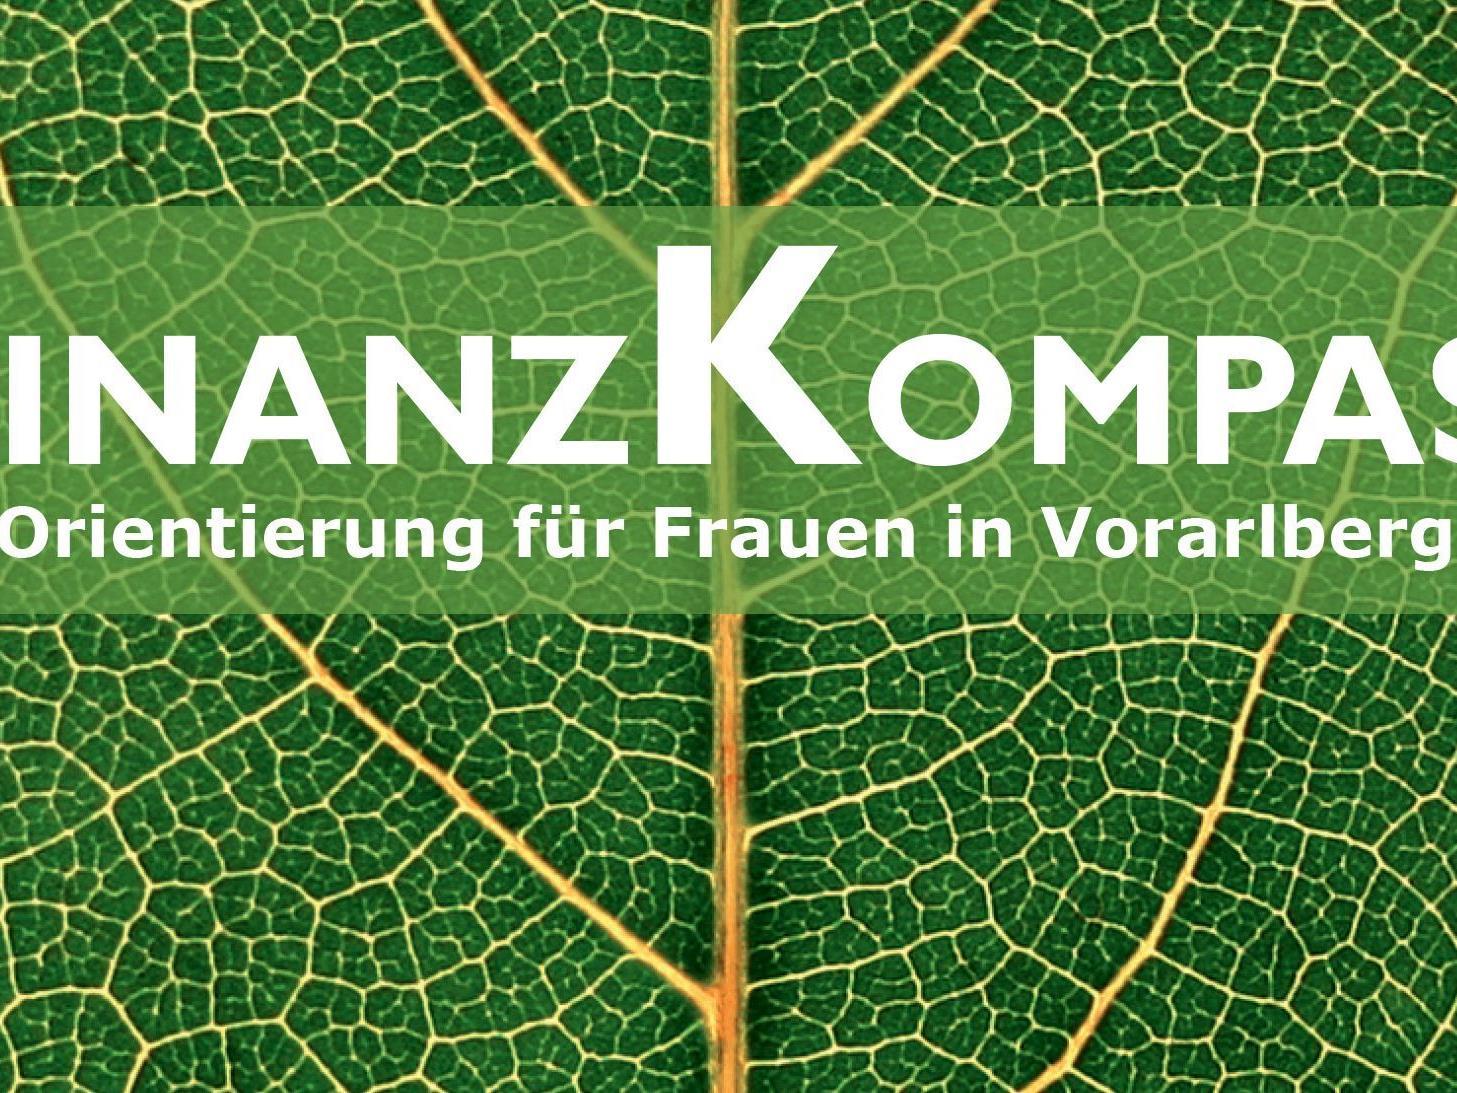 """""""Finanzkompass"""" im Frauenreferat des Landes Vorarlberg kostenlos zu bestellen"""